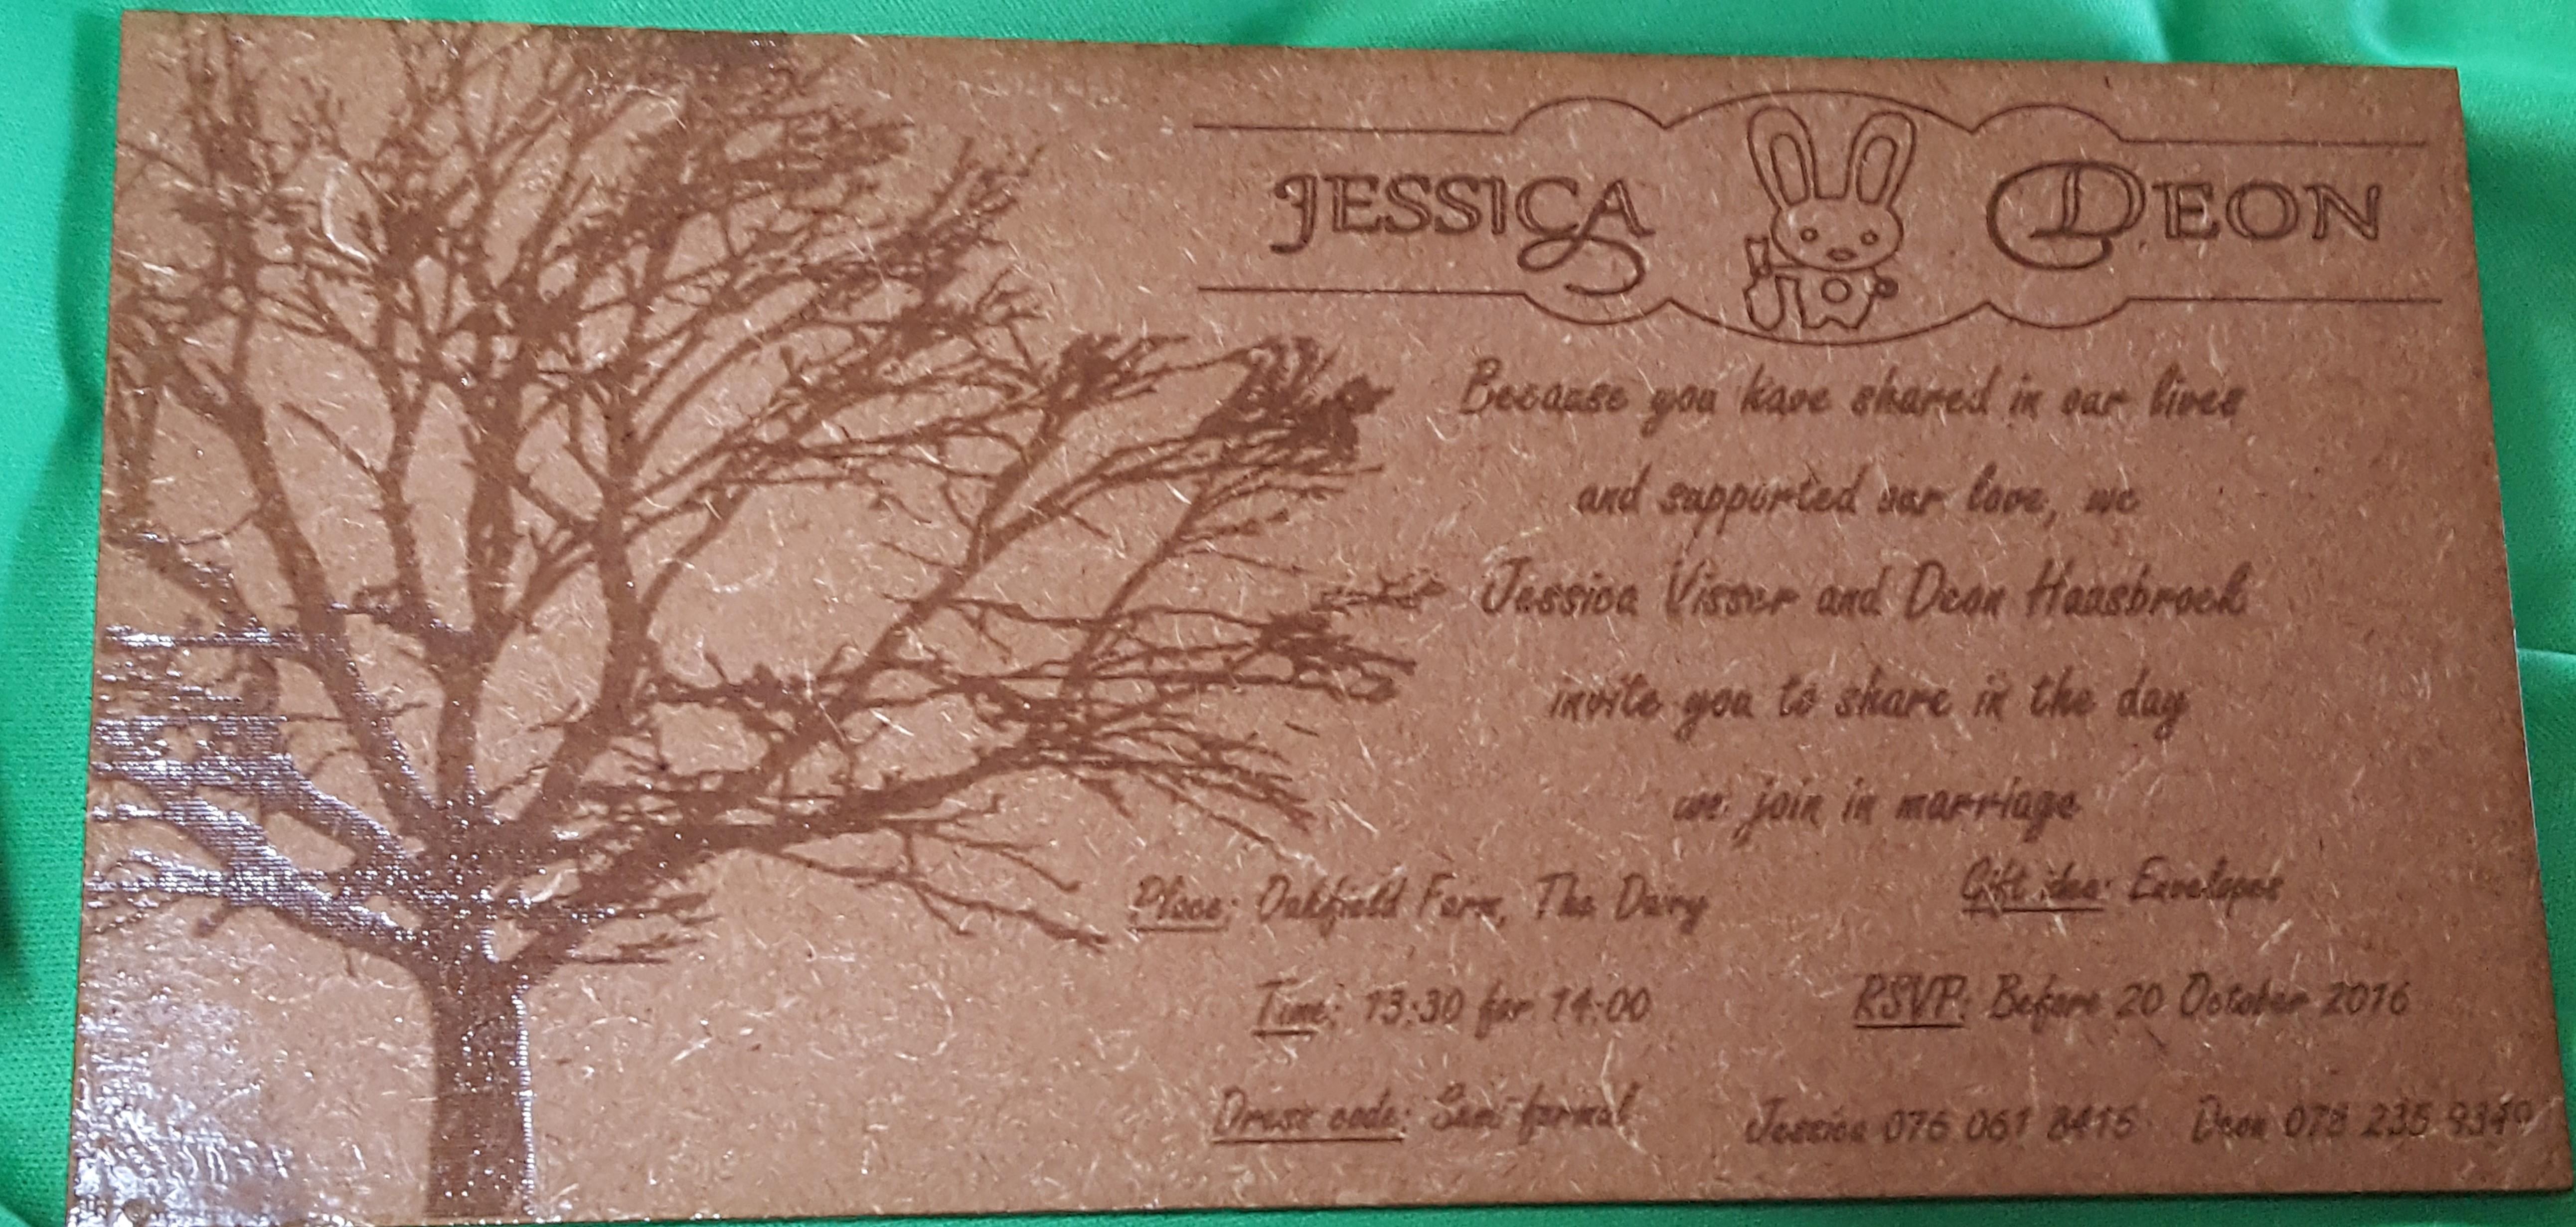 JESSICA 3.jpg